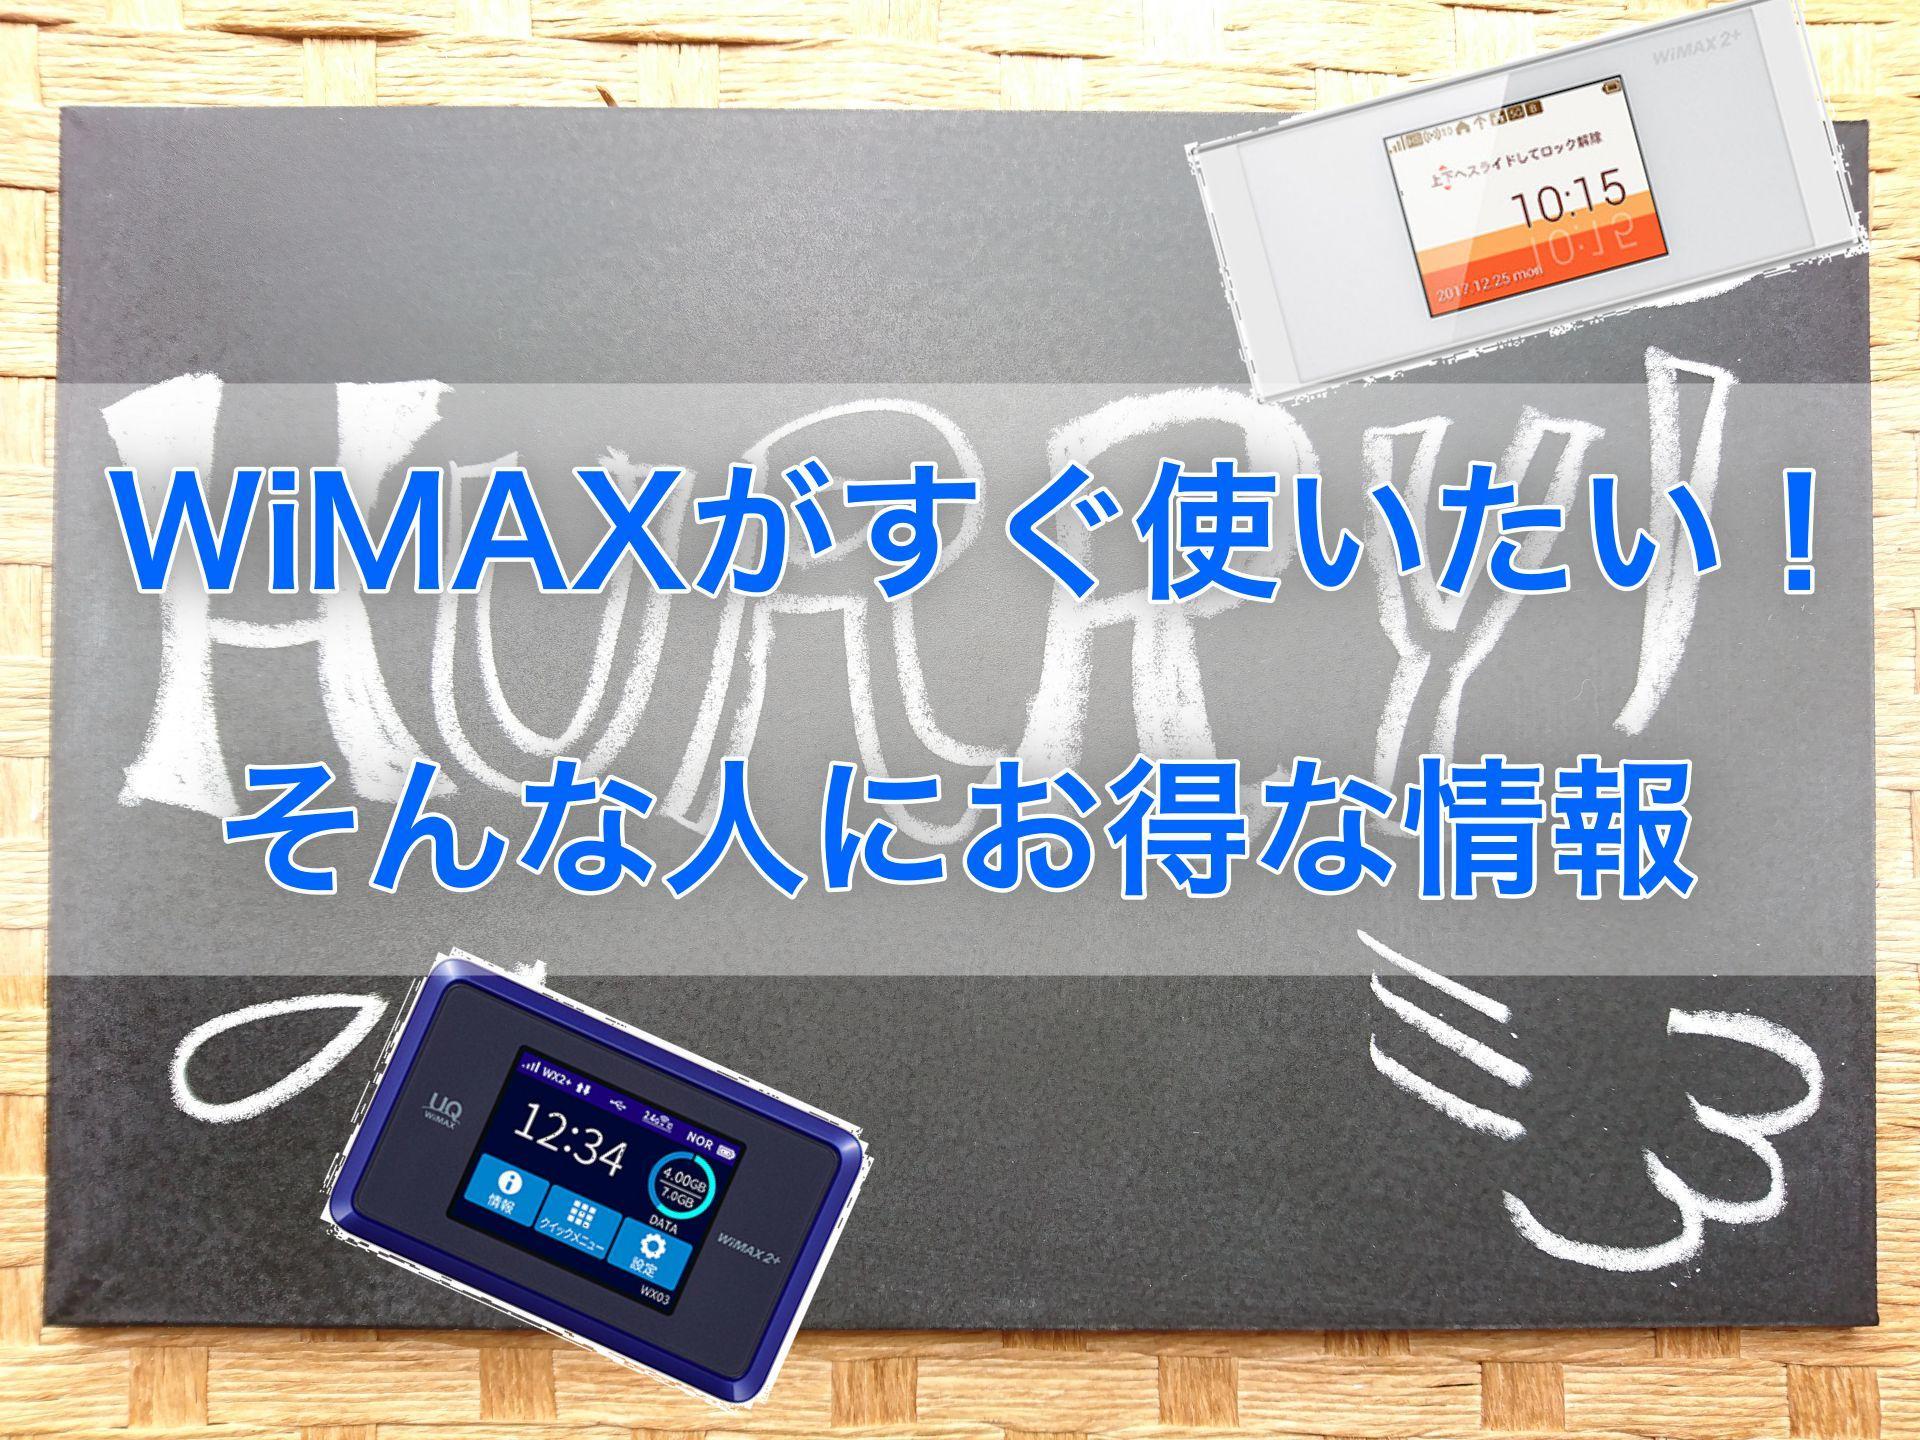 WiMAX契約当日利用したい!